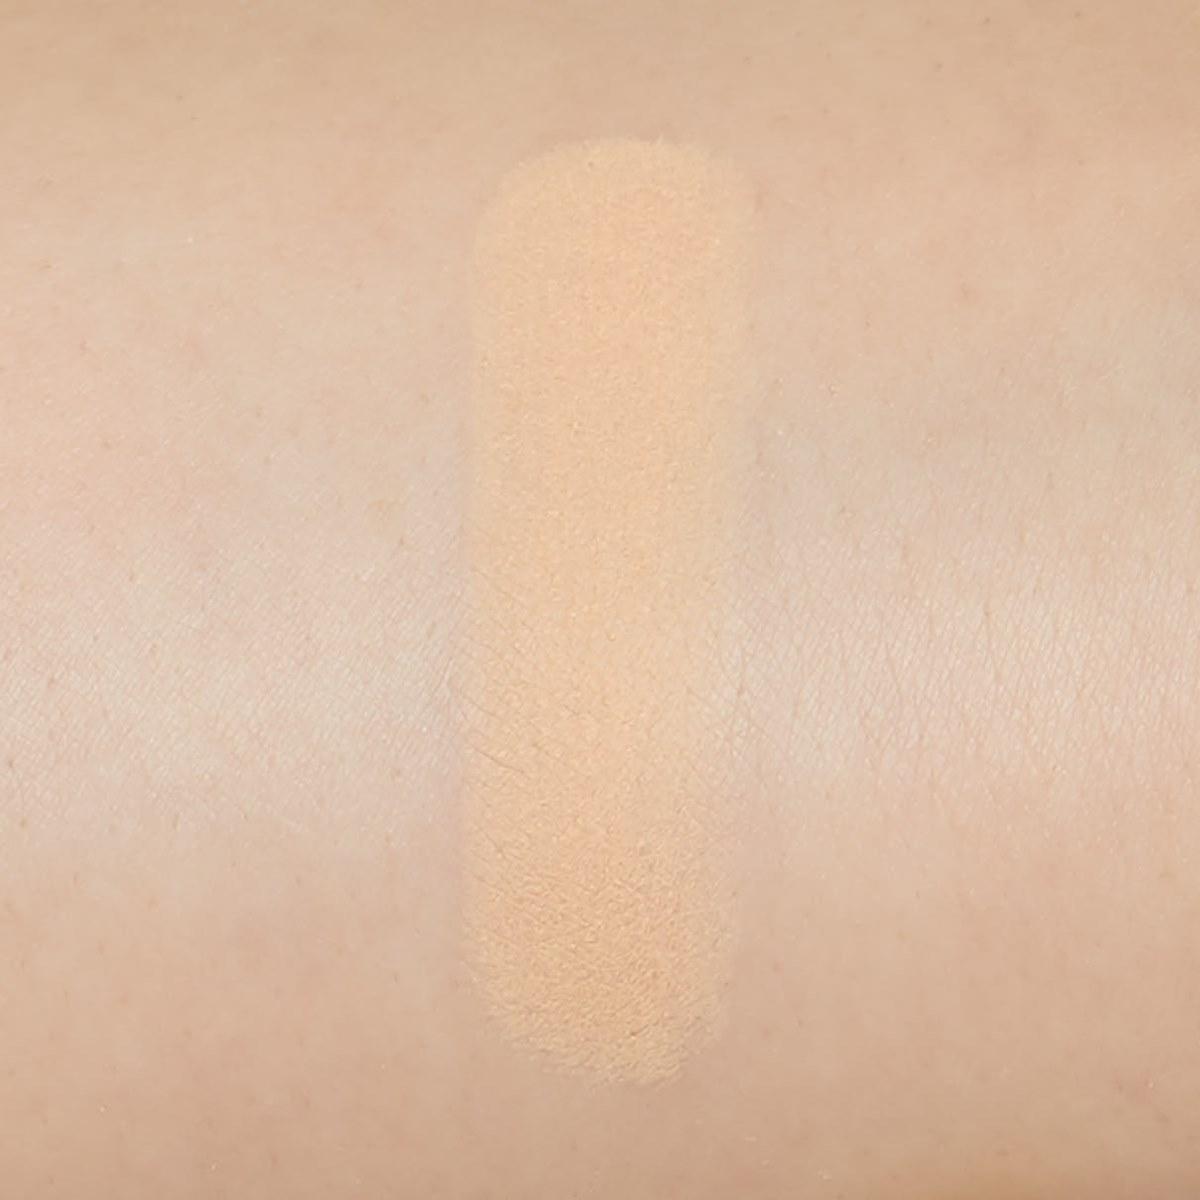 自然に肌をカバーするCEZANNE(セザンヌ)『UVファンデーションEX プラス EX2 ライトオークル』をご紹介に関する画像6